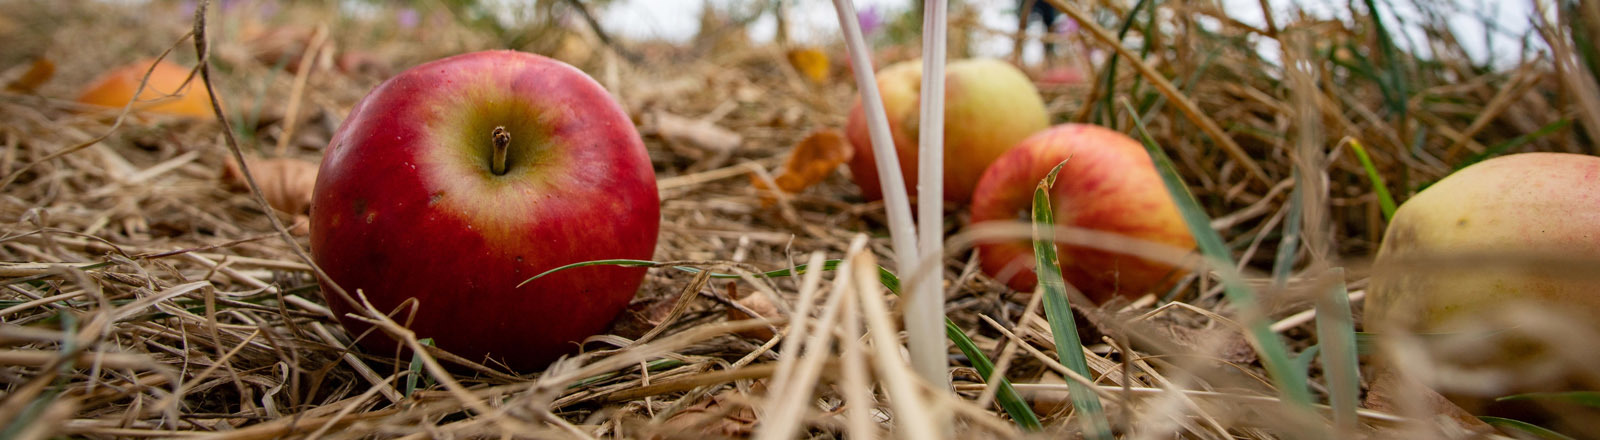 Äpfel auf einer Streuobstwiese